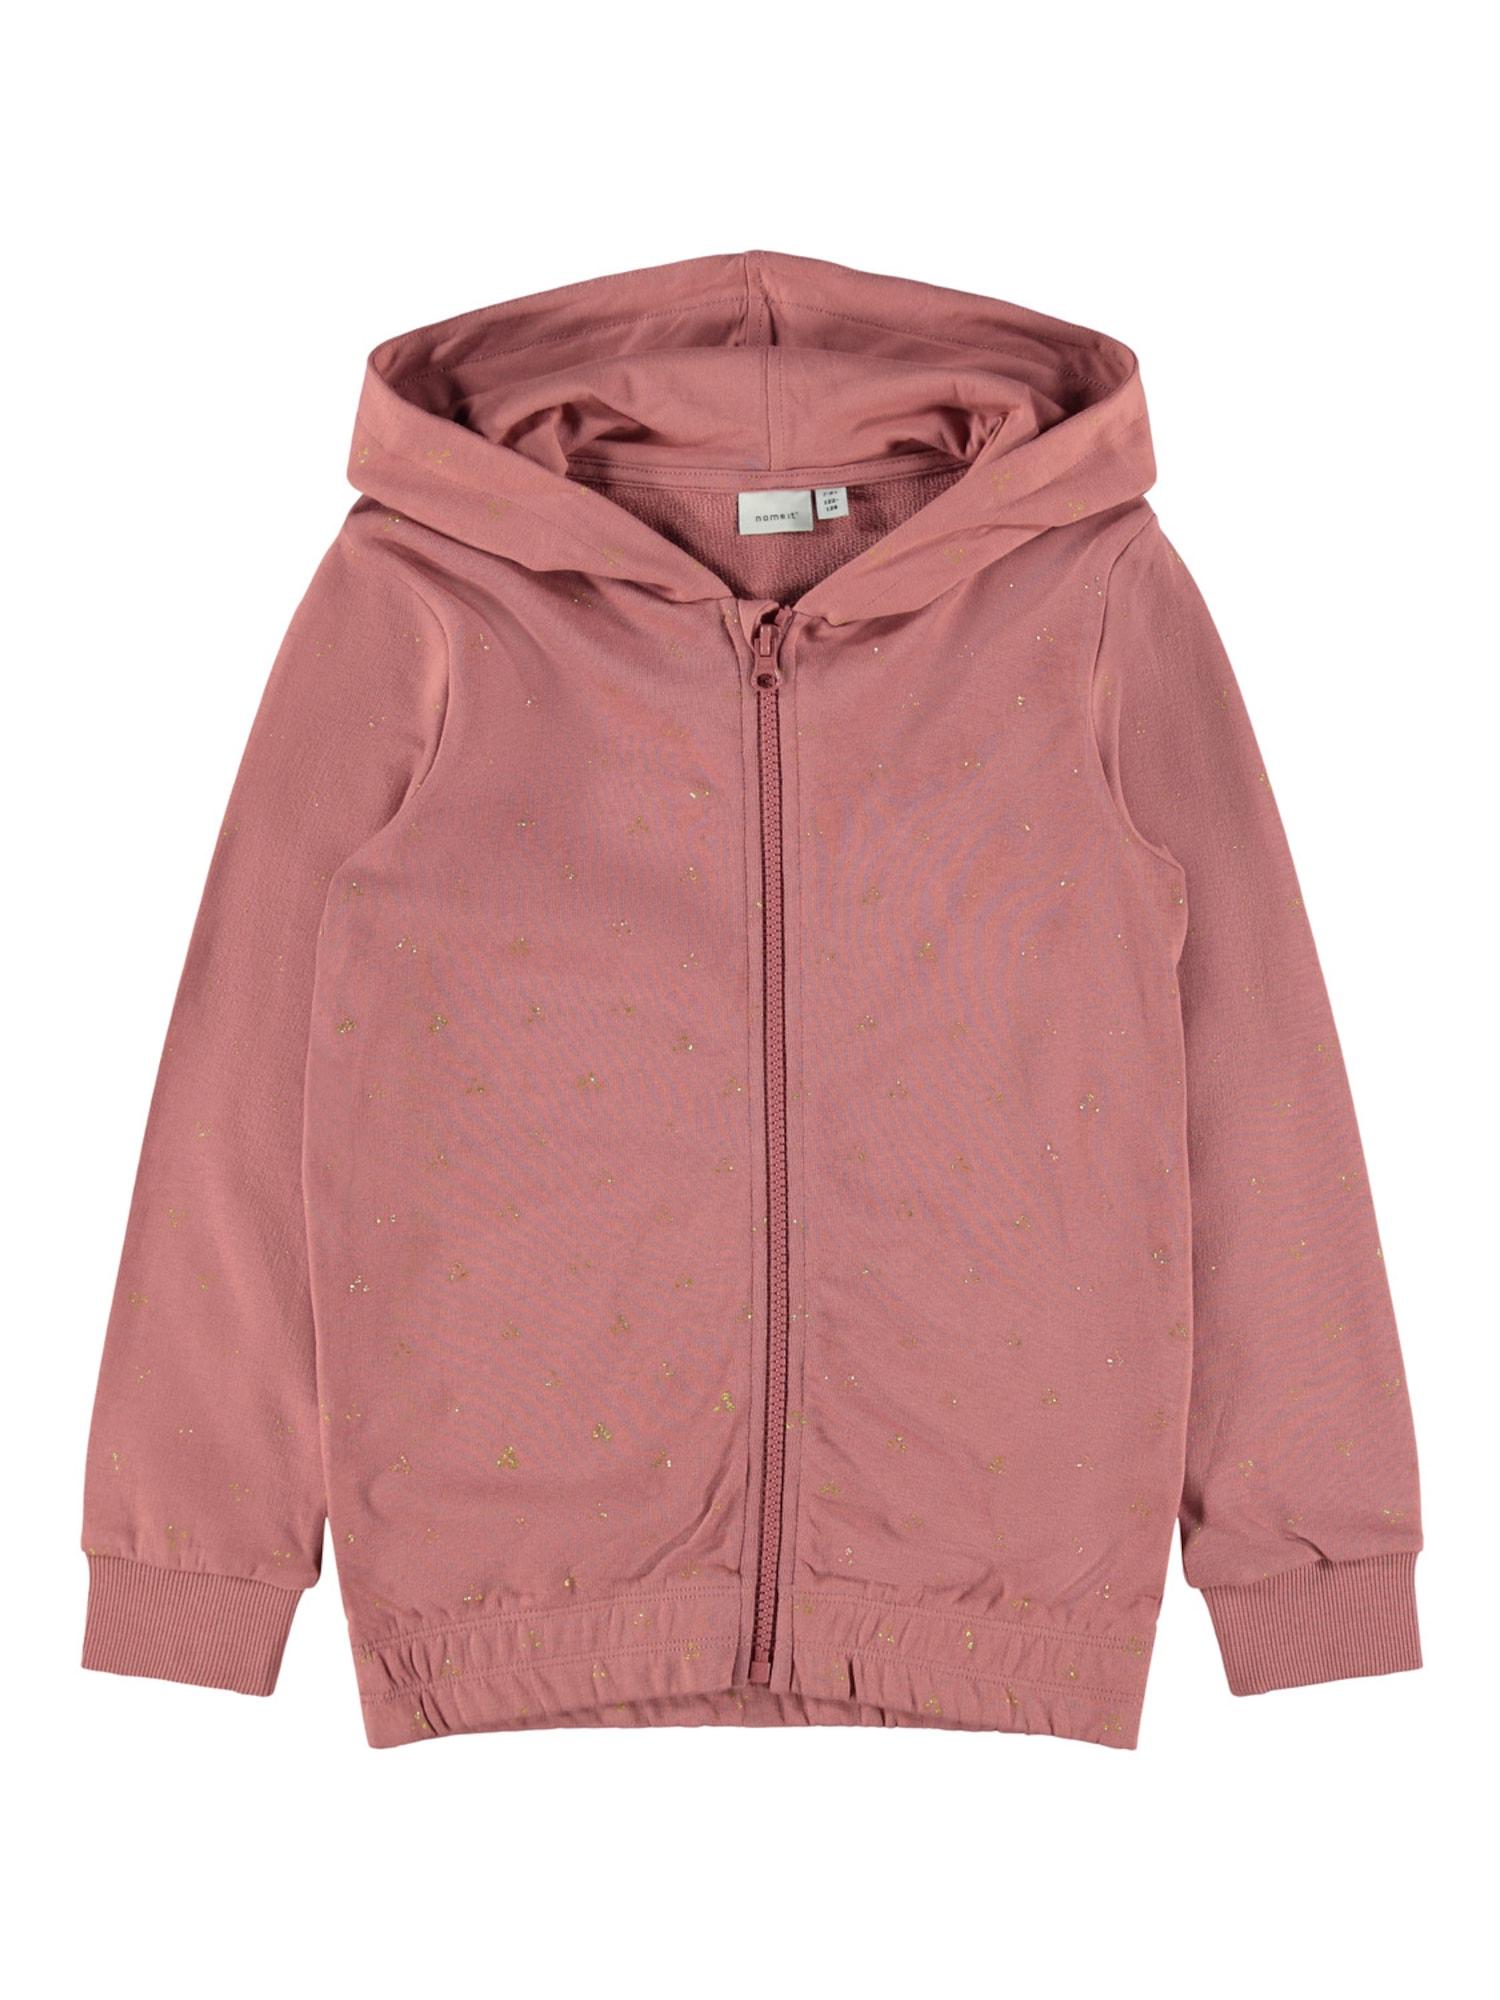 NAME IT Megztinis be užsegimo ryškiai rožinė spalva